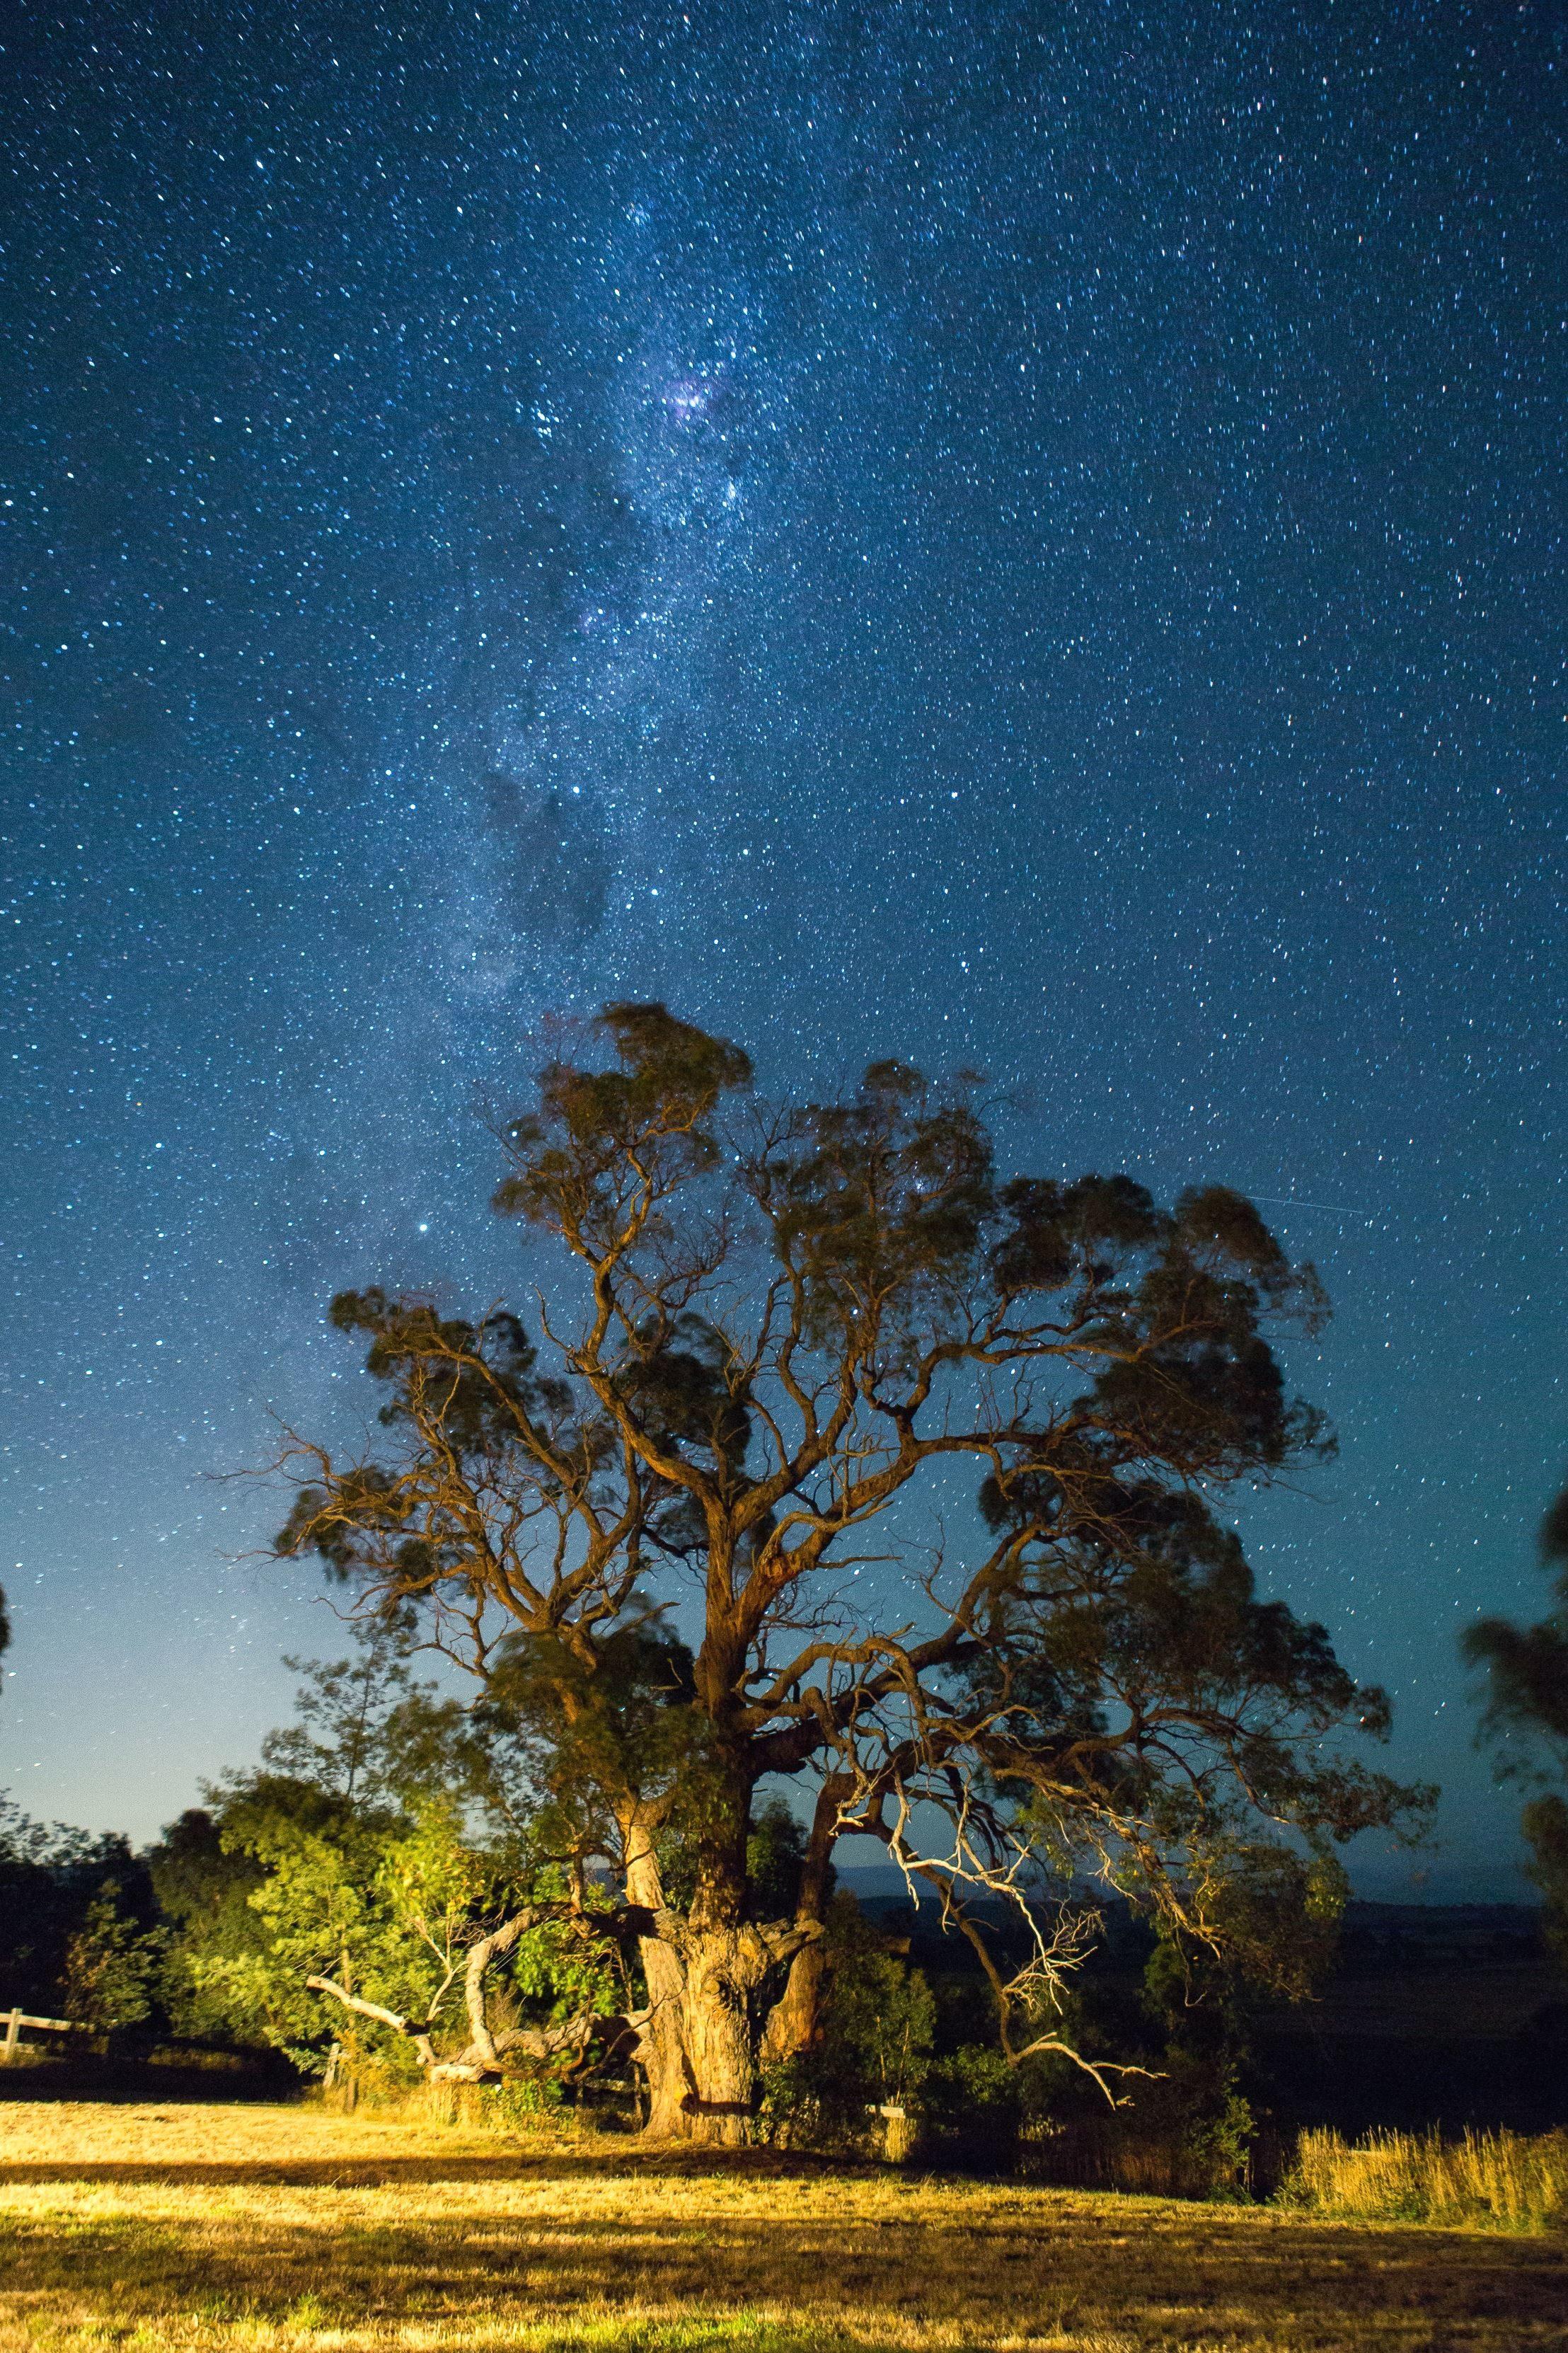 Kostenlose Bild: Himmel, Weltall, Sterne, Baum, Galaxie, Nacht